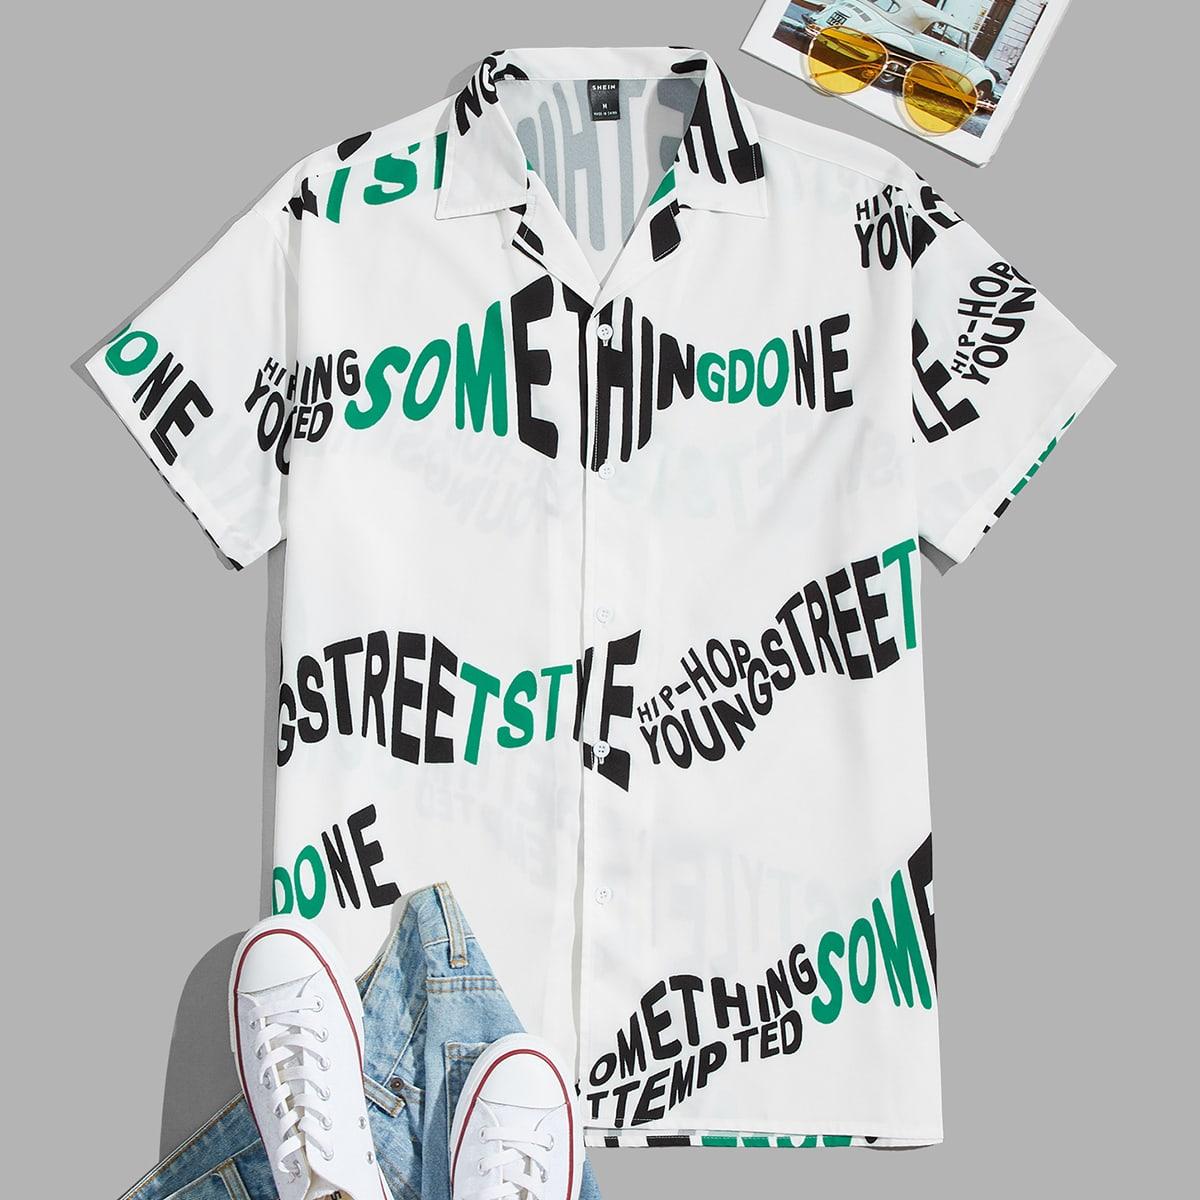 Мужская рубашка с текстовым рисунком на пуговицах